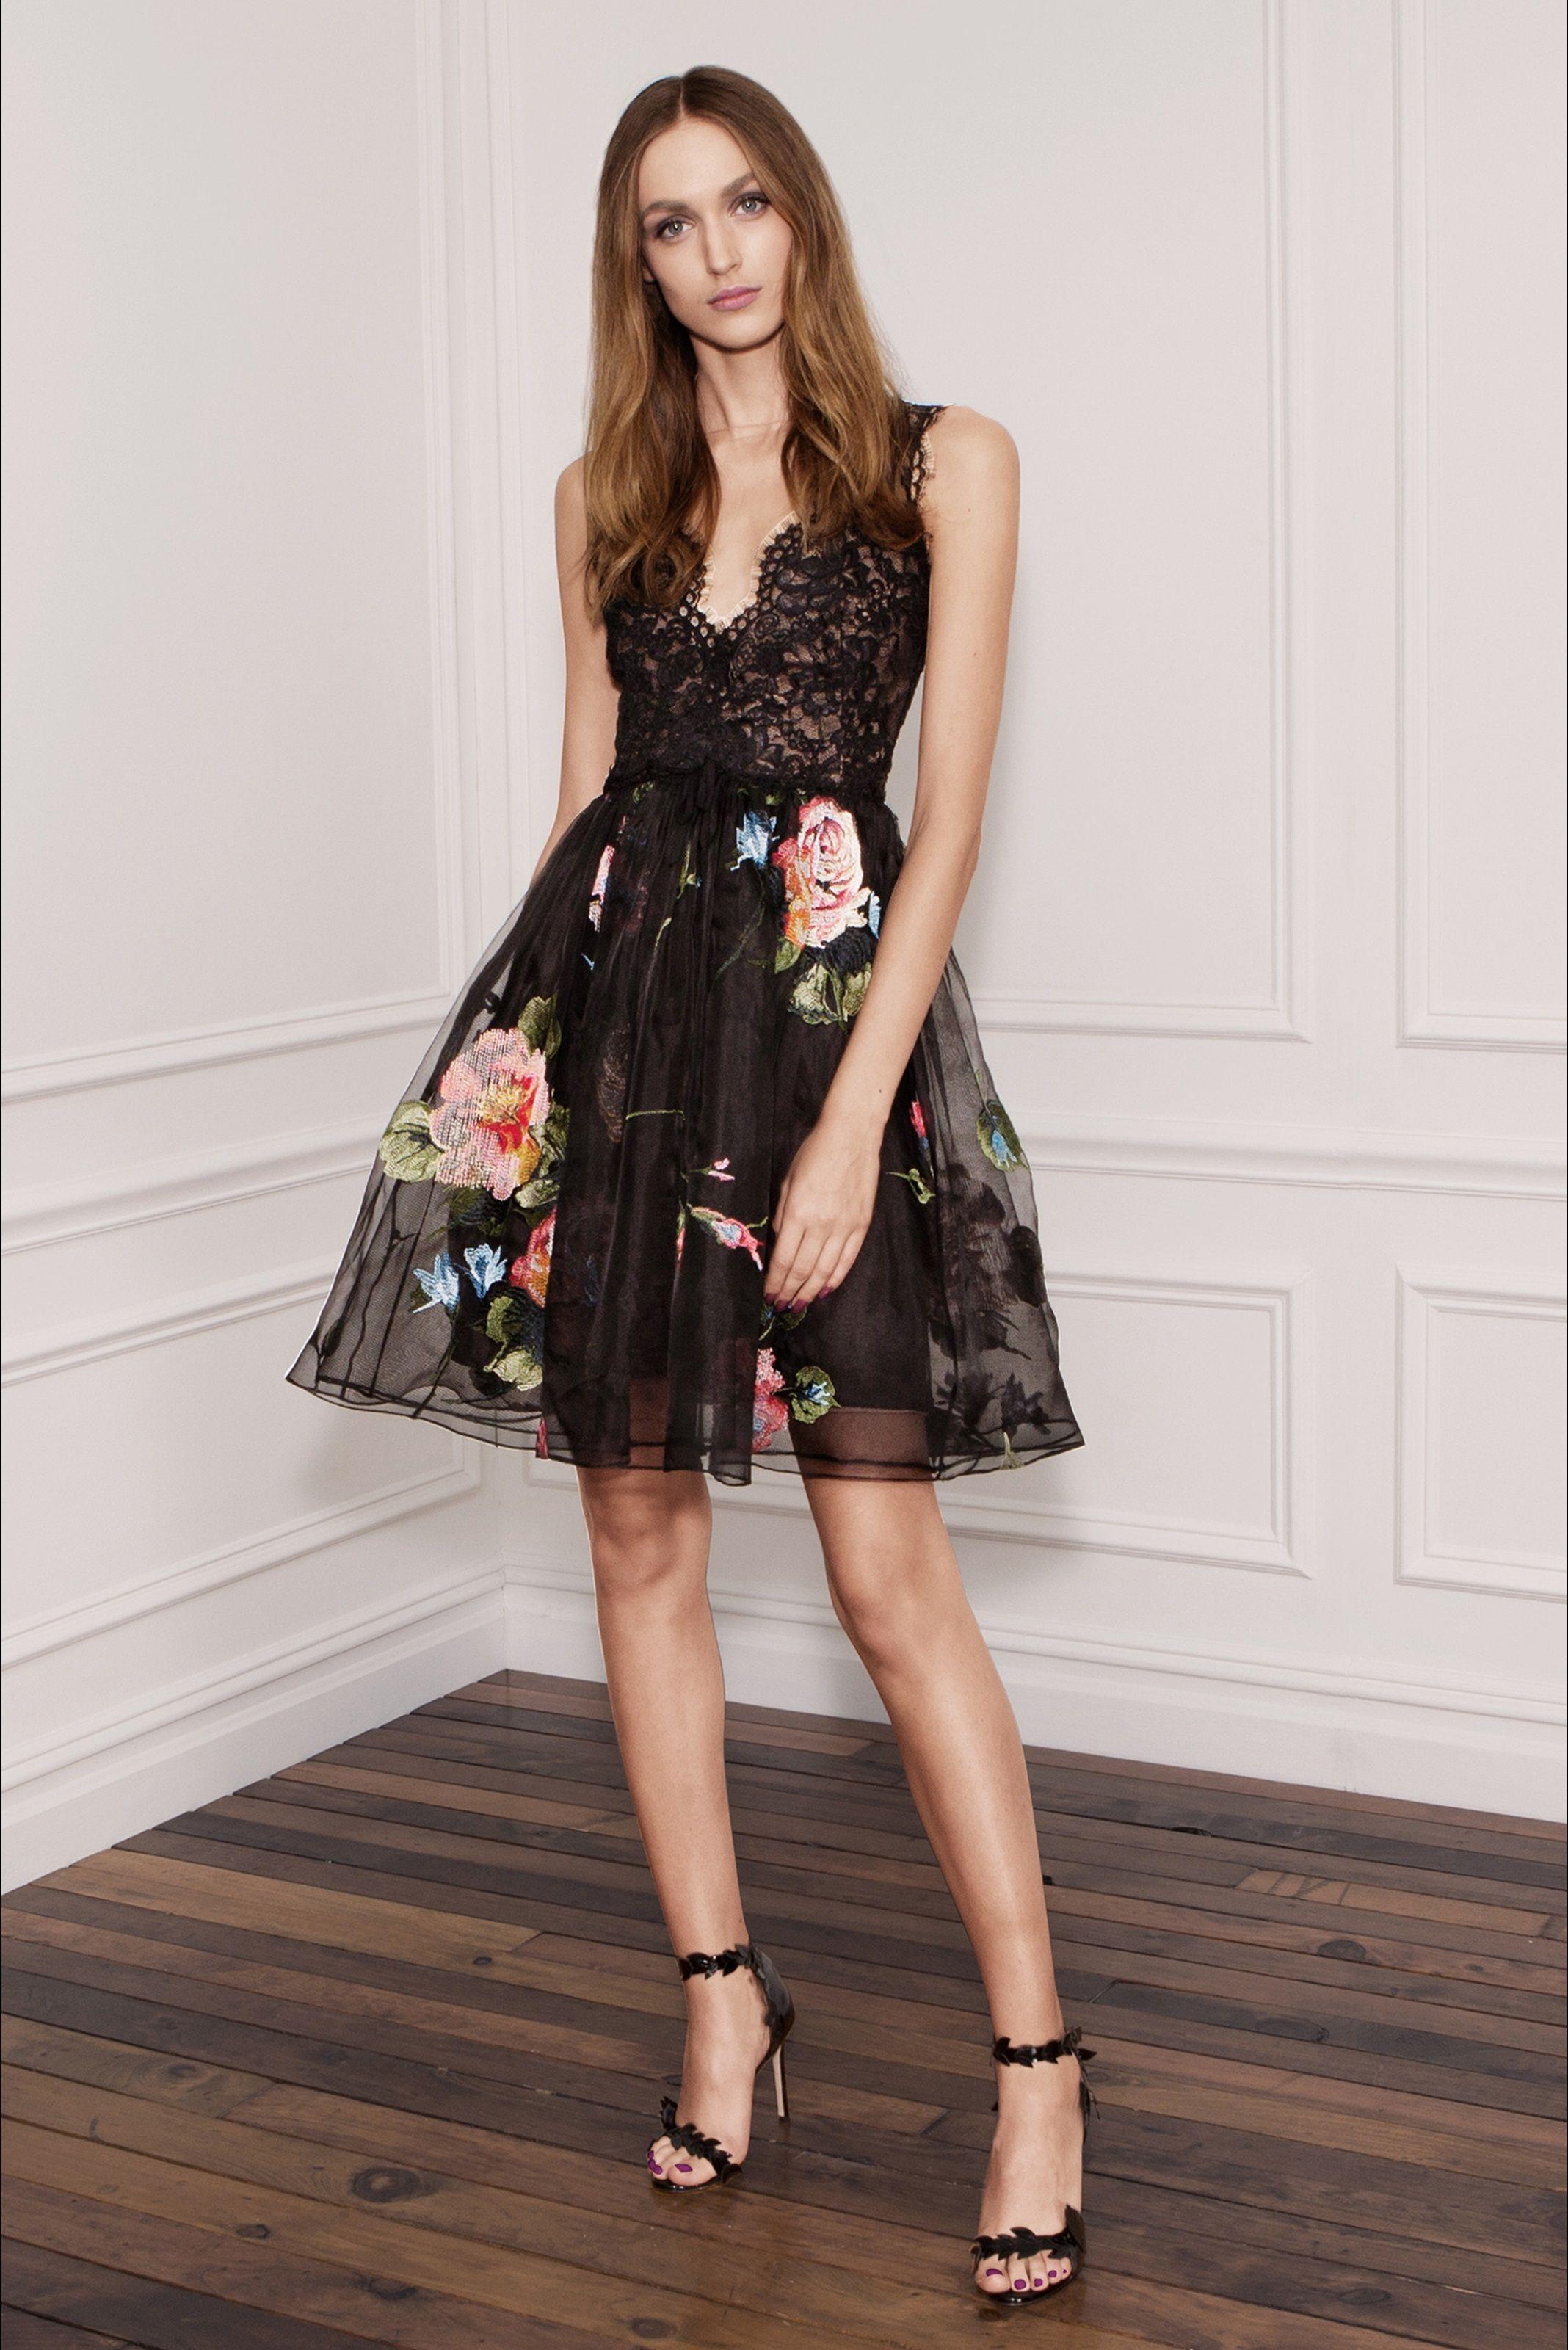 b95d3ff49ec4 Guarda la sfilata di moda Marchesa Notte a New York e scopri la collezione  di abiti e accessori per la stagione Collezioni Primavera Estate 2018.